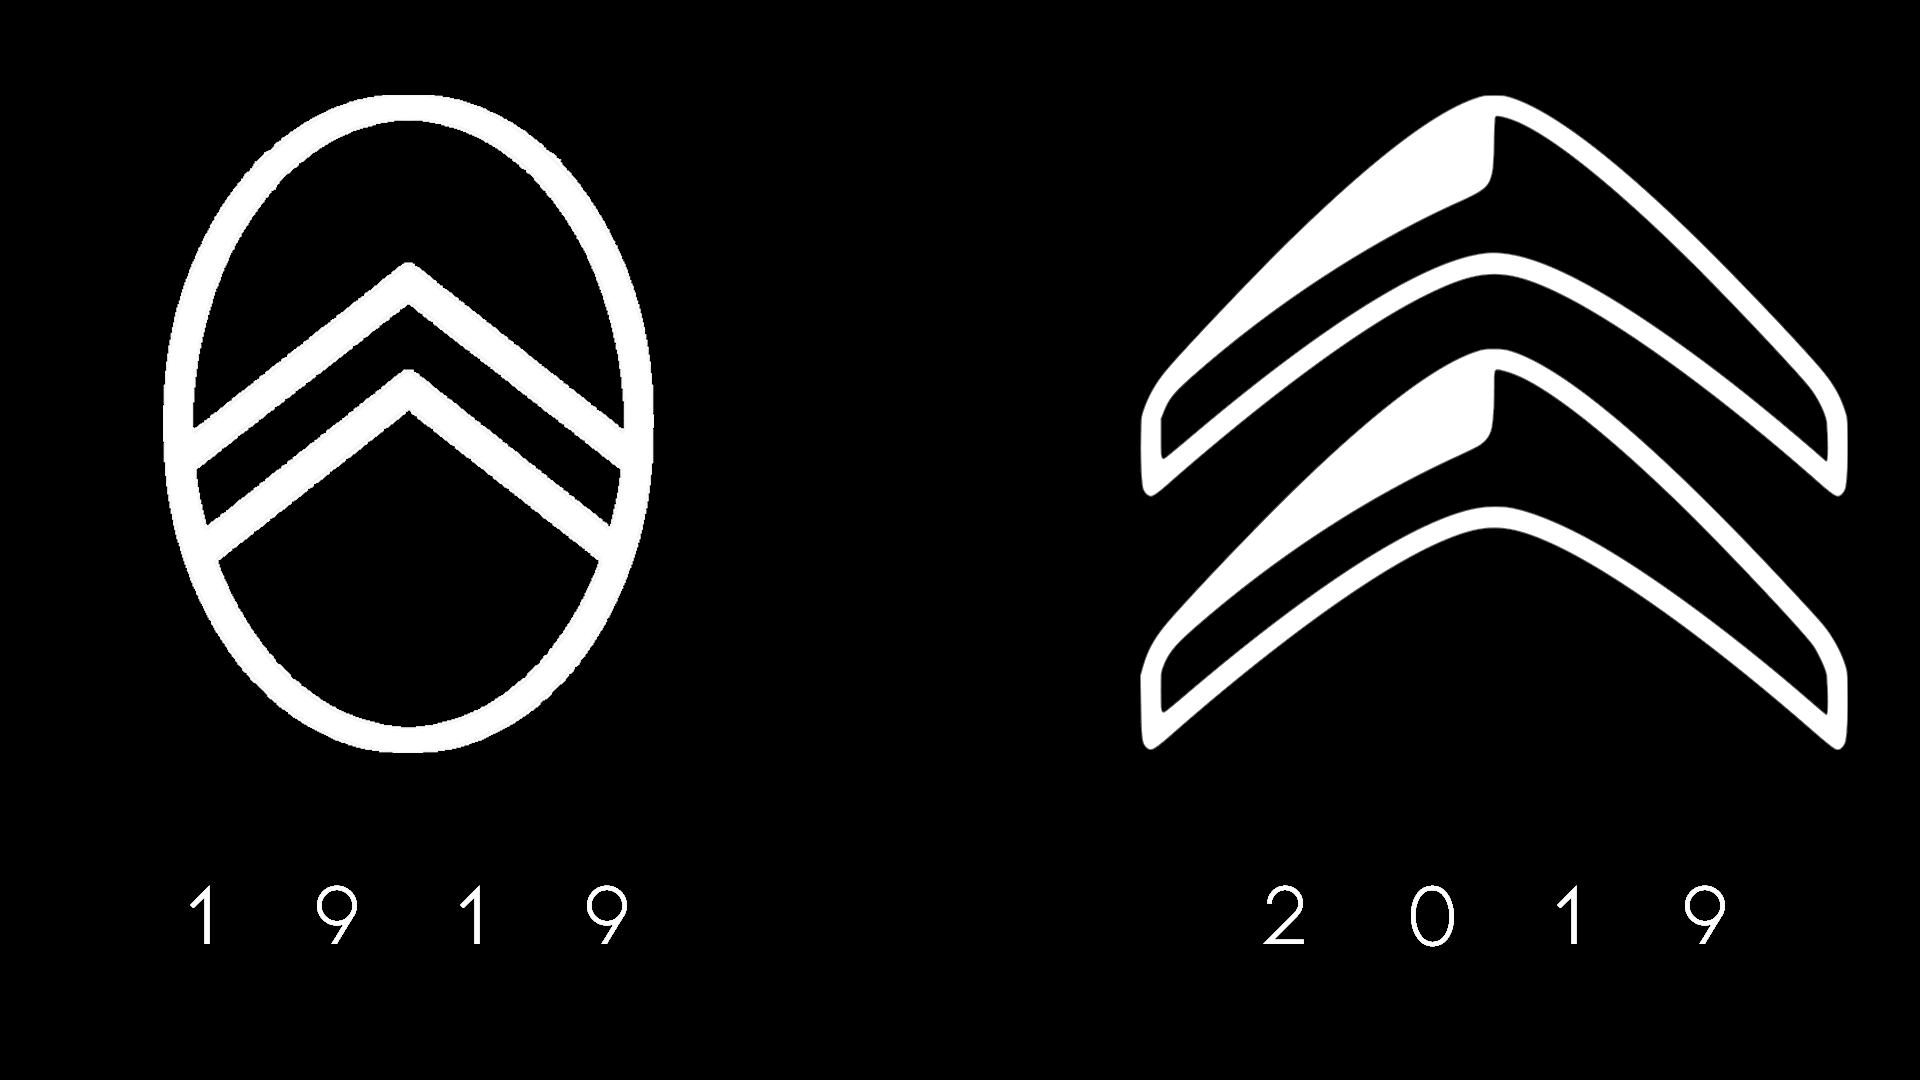 logos_citroen_1919-2019